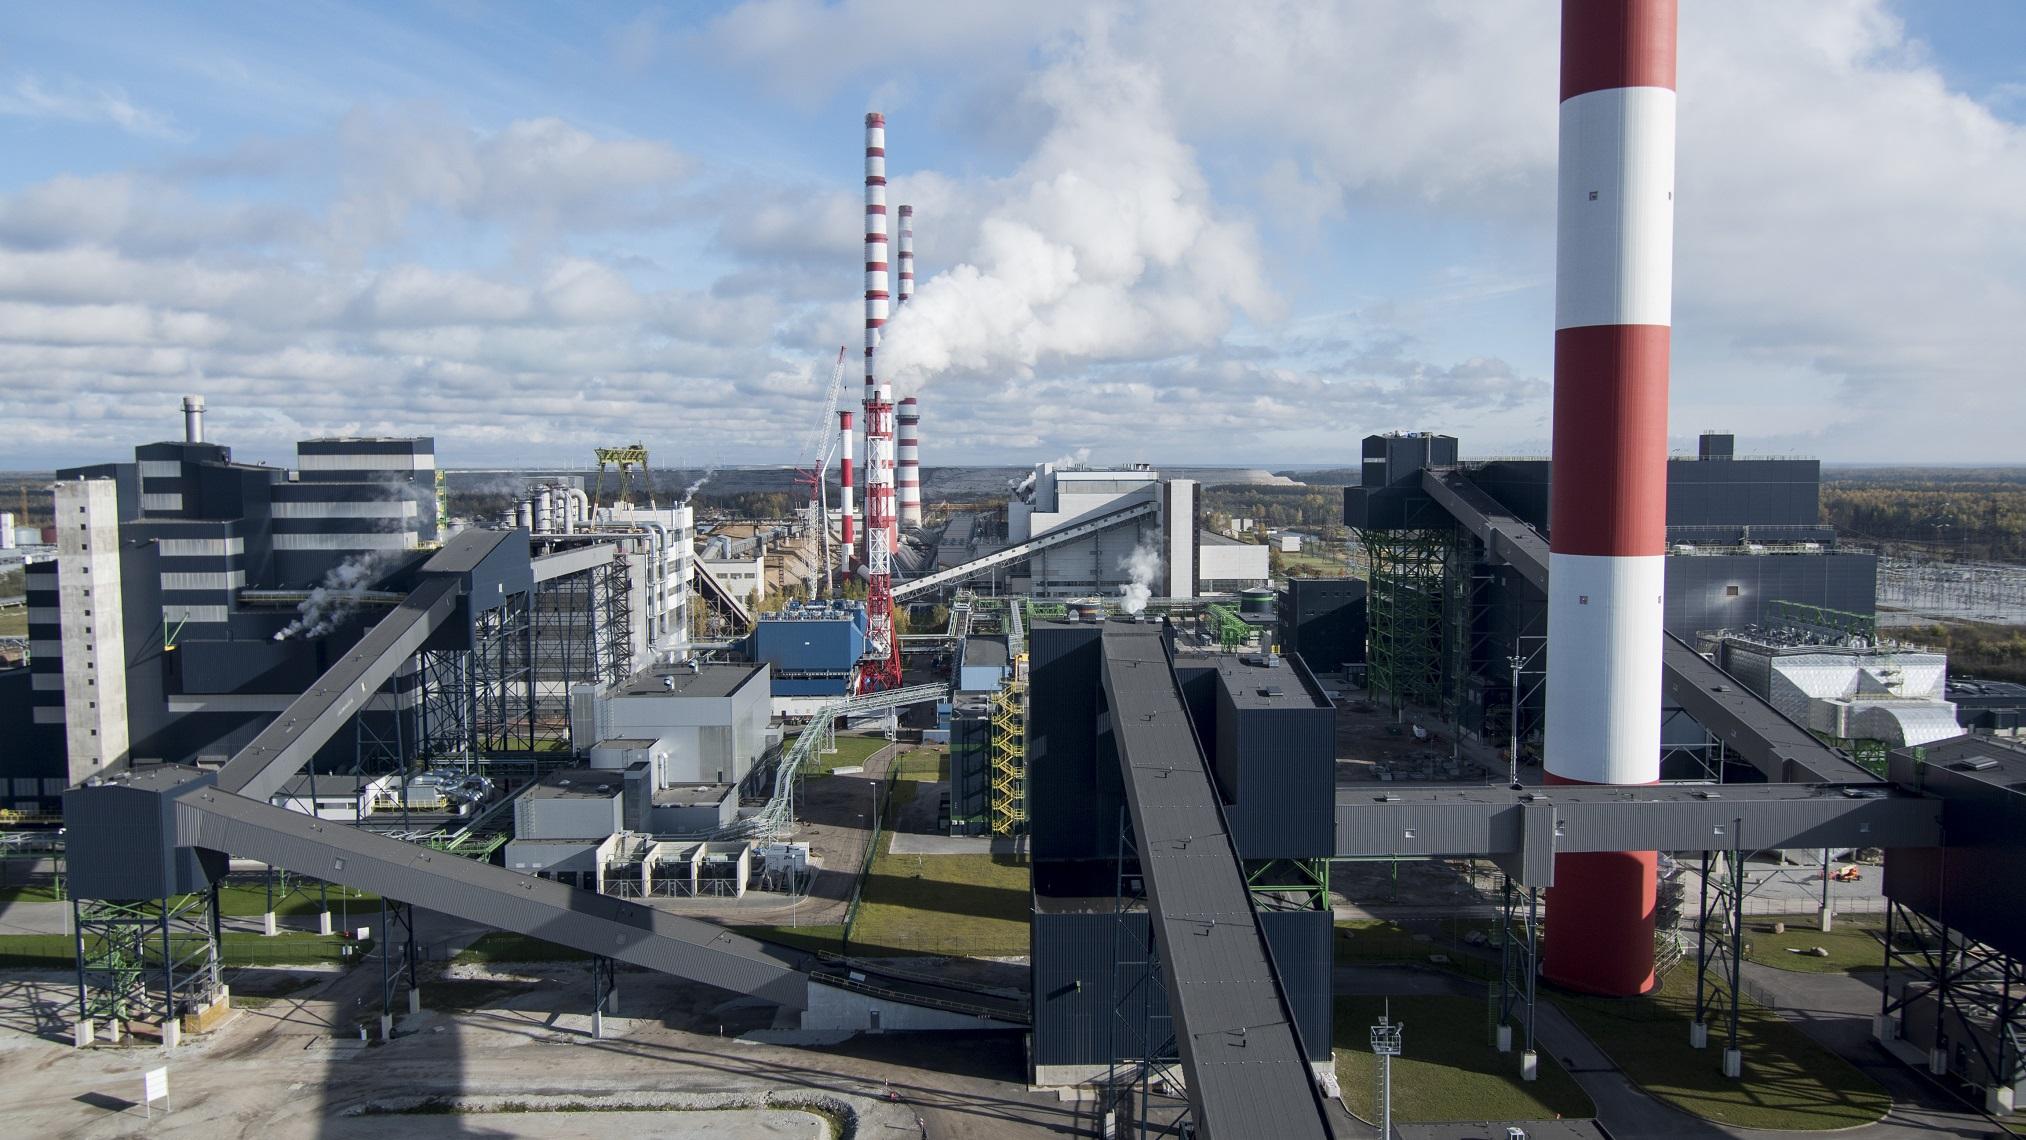 Auvere elektrijaama võimsus on 300 MW ning jaam suudab aastas toota ca 2,2 TWh energiat, sh ligi 1 TWh taastuvenergiat. Elektrijaam suudab katta üle 25% Eesti elektritarbimisest. Foto: Enefit Energiatootmine